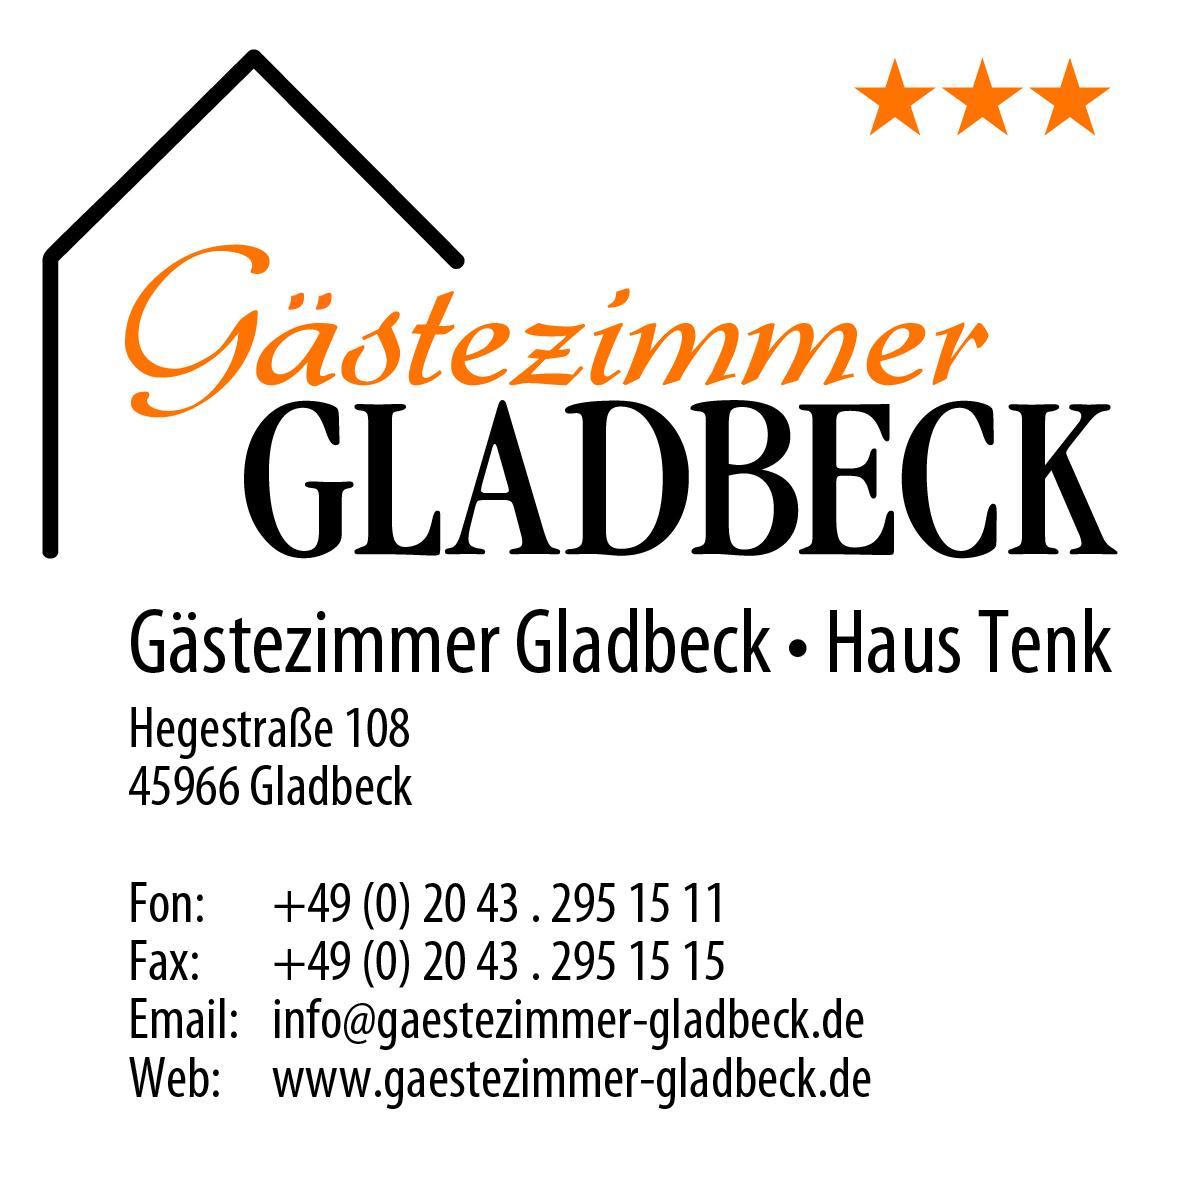 Gästezimmer Gladbeck